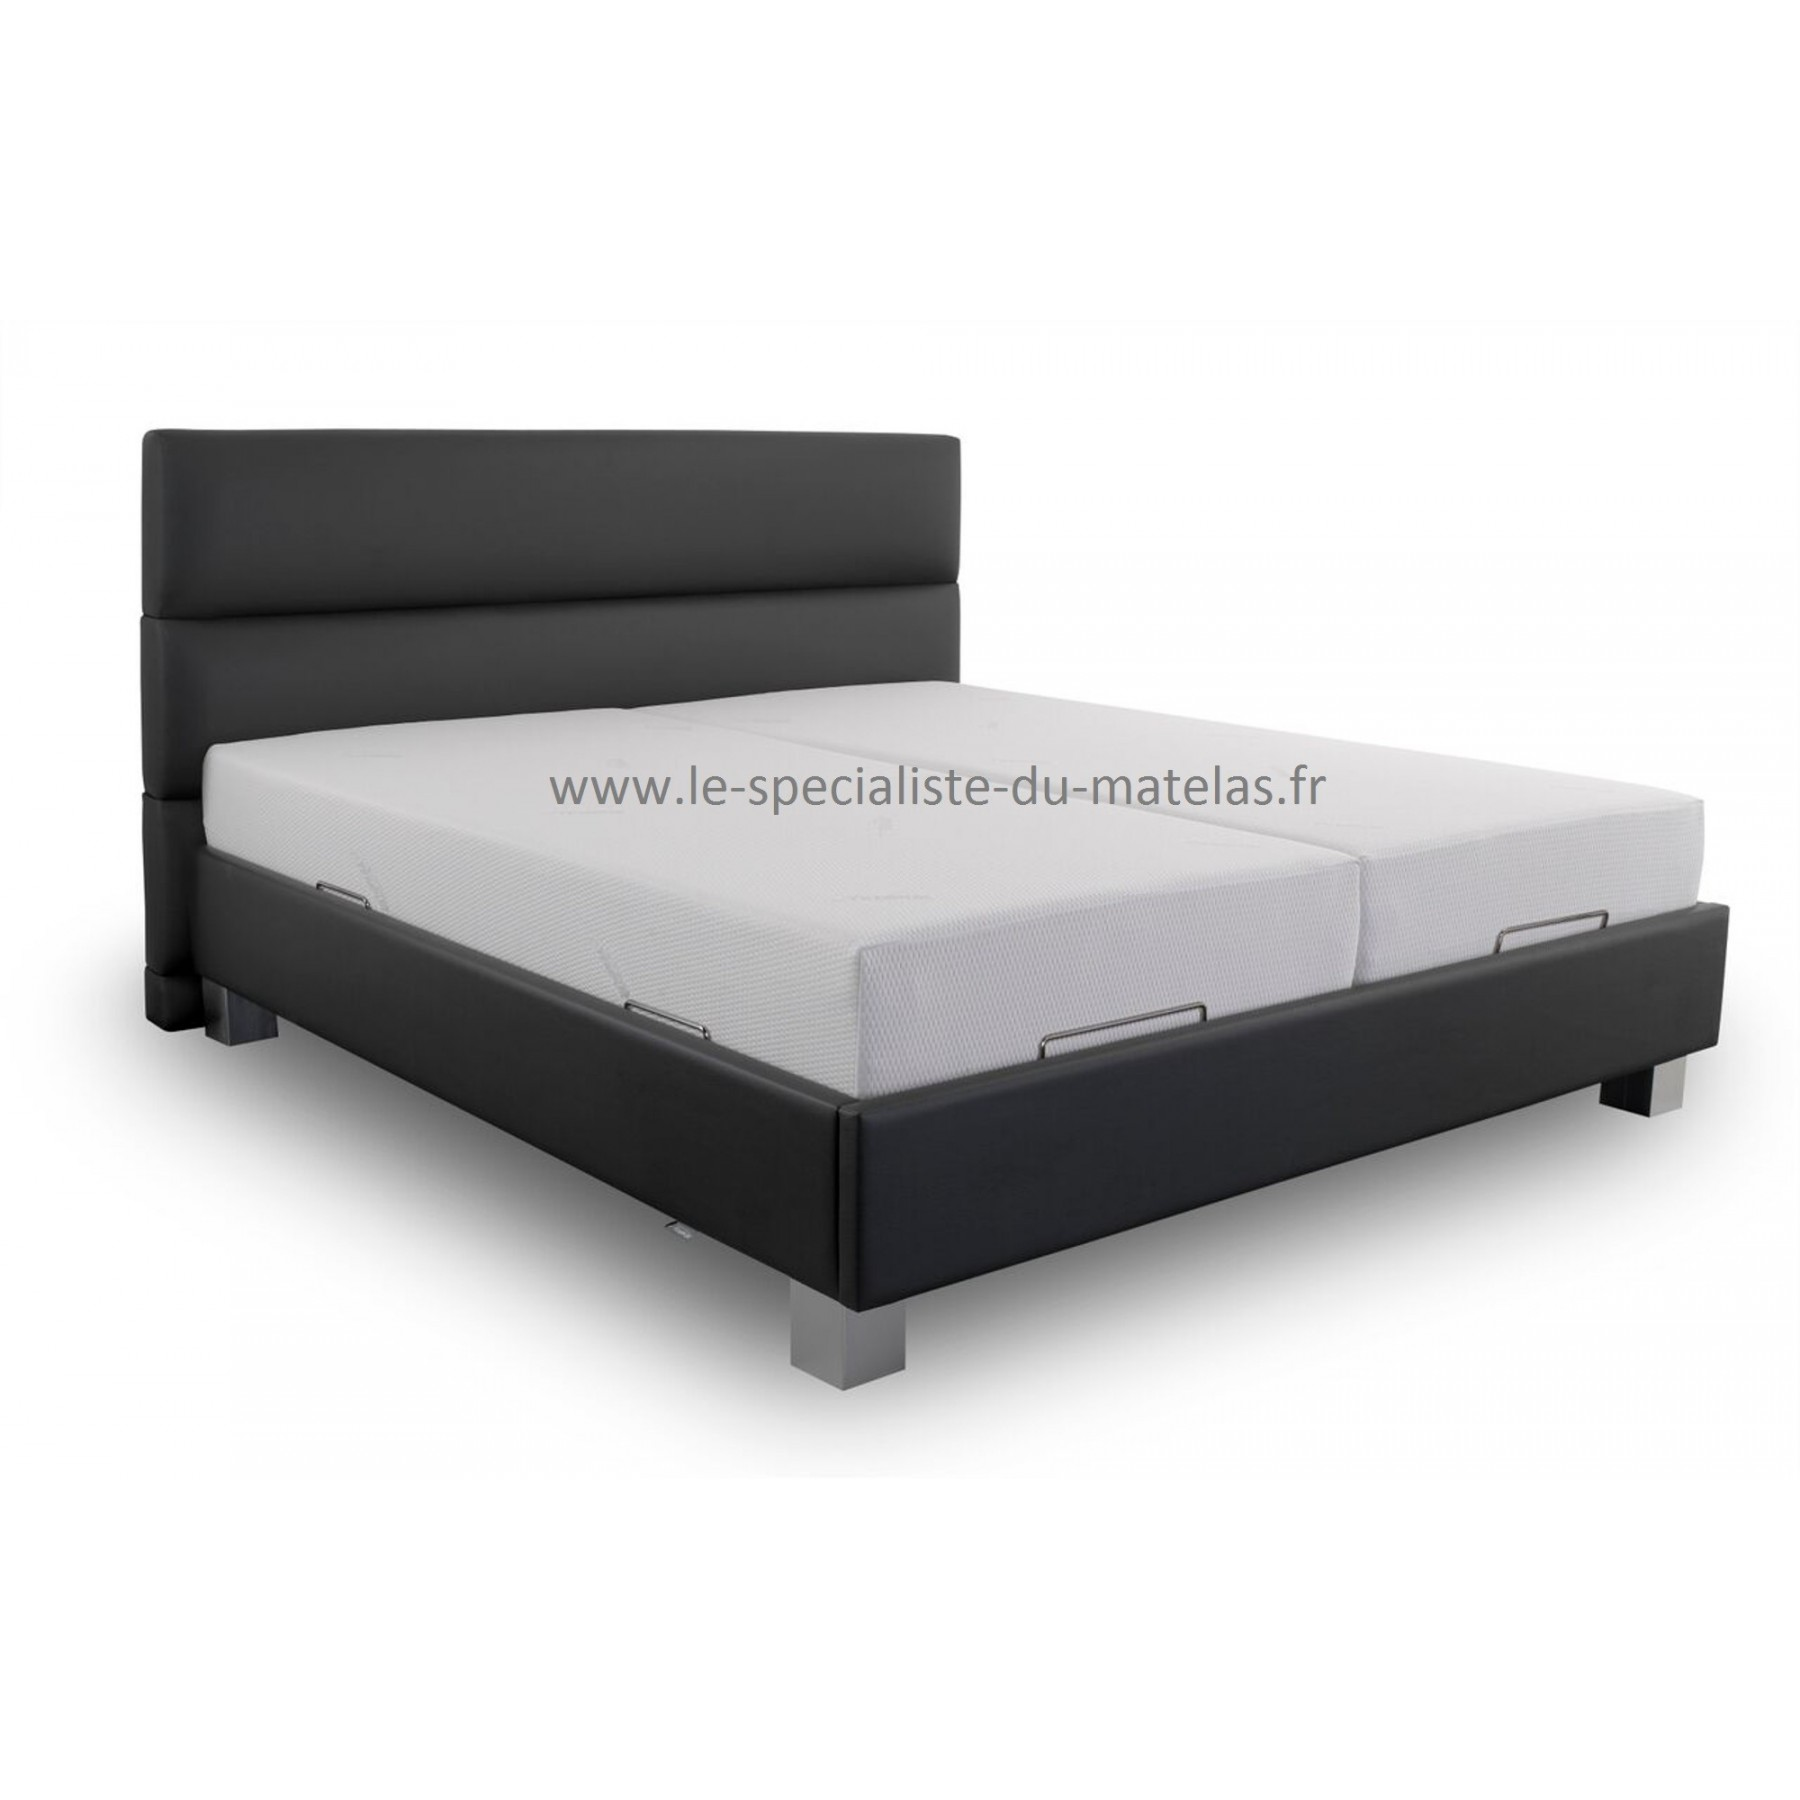 sommier lit cadre de lit los angeles en simili cuir capitonn blanc x cm avec sommier with. Black Bedroom Furniture Sets. Home Design Ideas